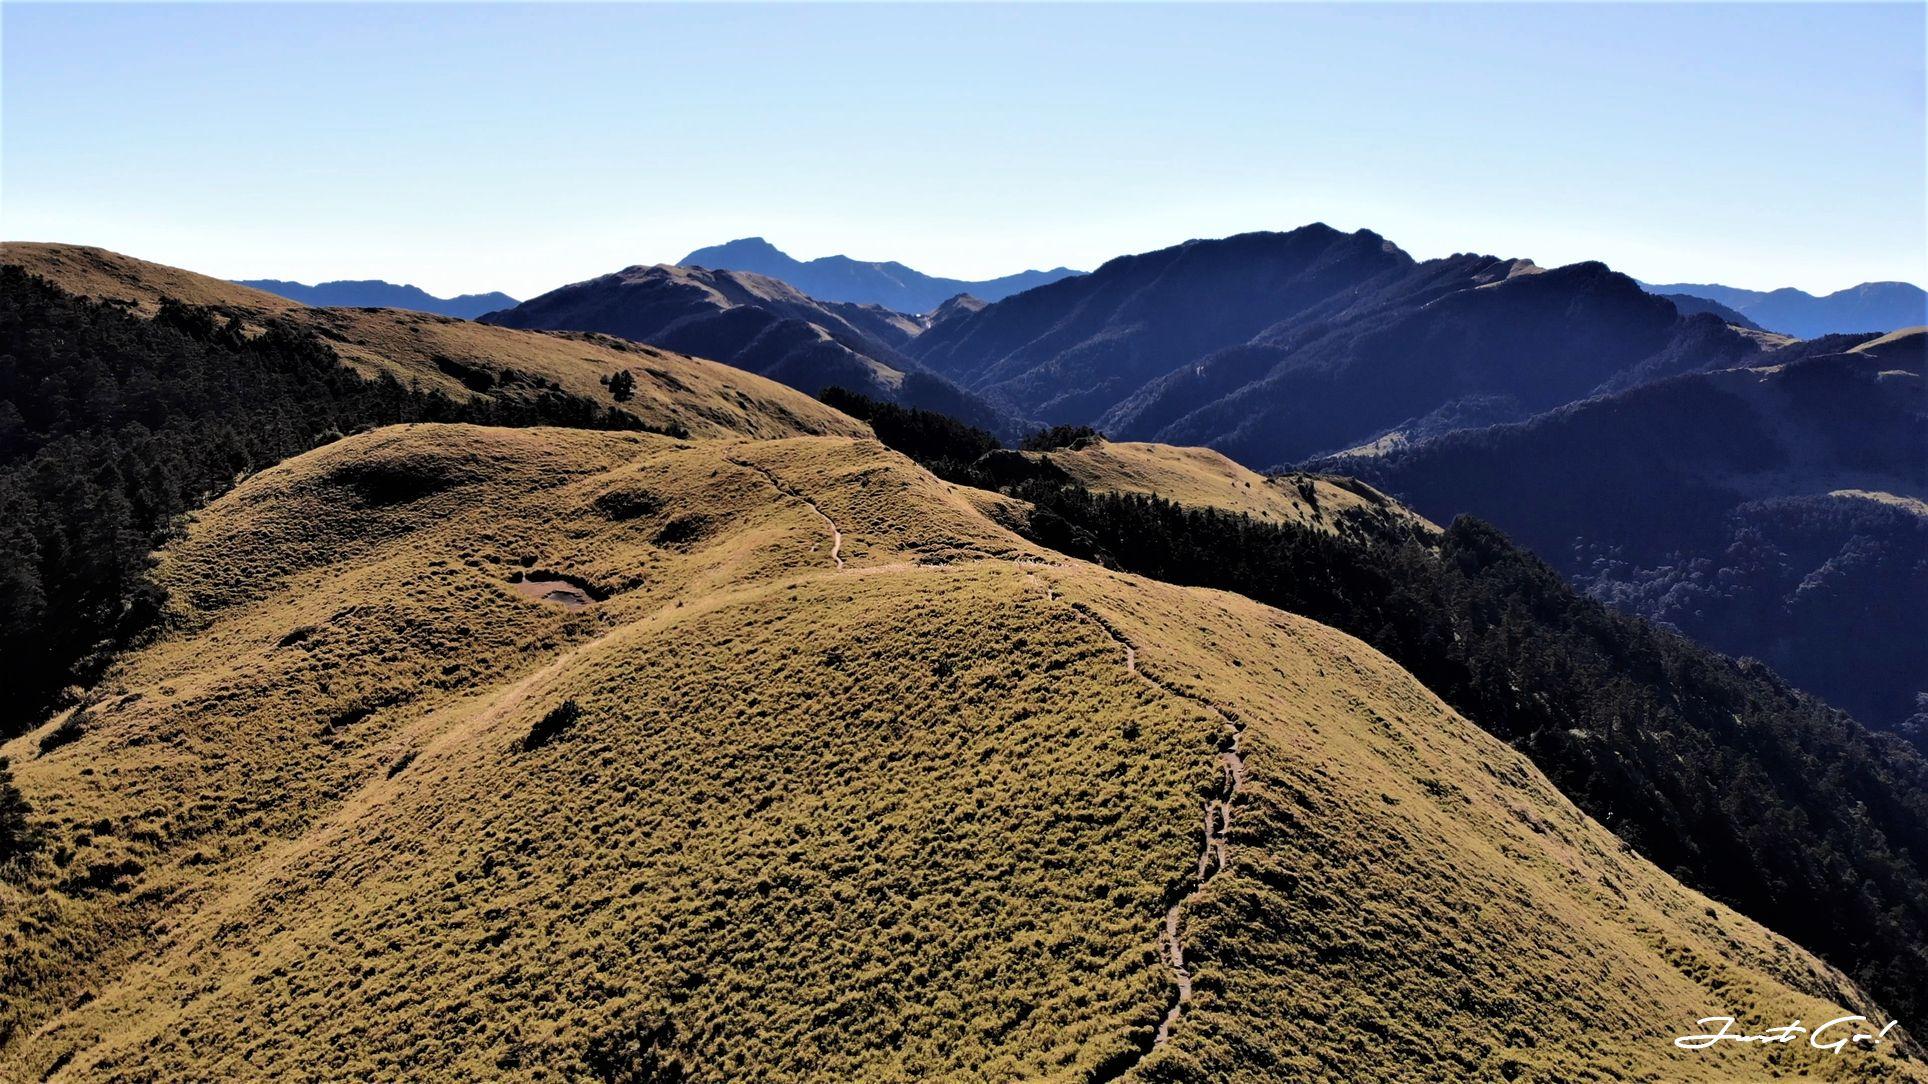 一日百岳·9小時單攻合歡西峰北峰-地圖gpx、行程規劃、申請、登山口19